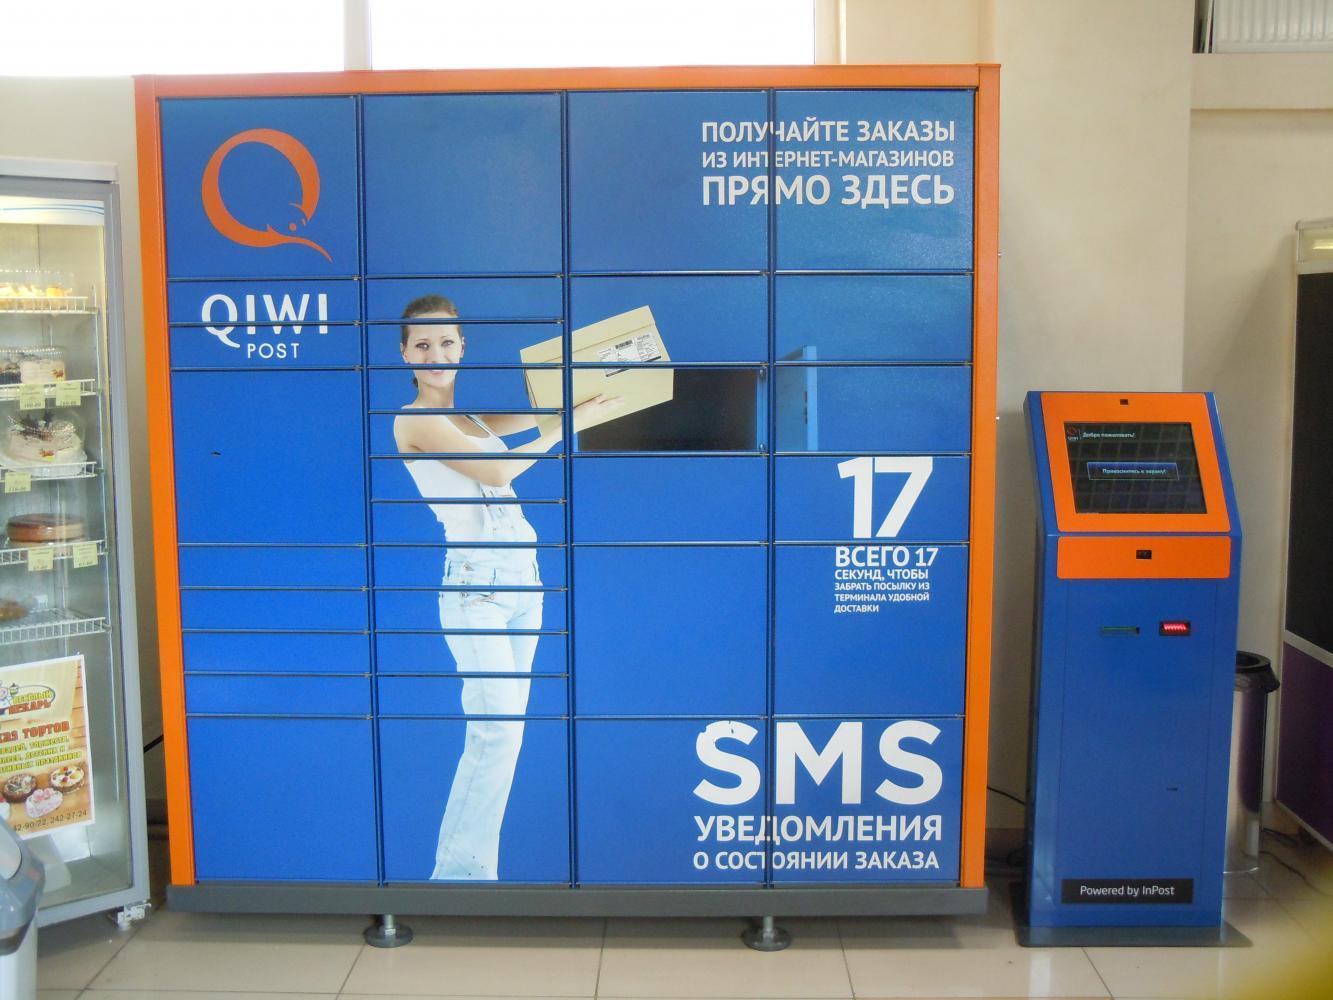 Платежные сервисы Qiwi иSkrill внесены в список запрещённых интернет-ресурсов